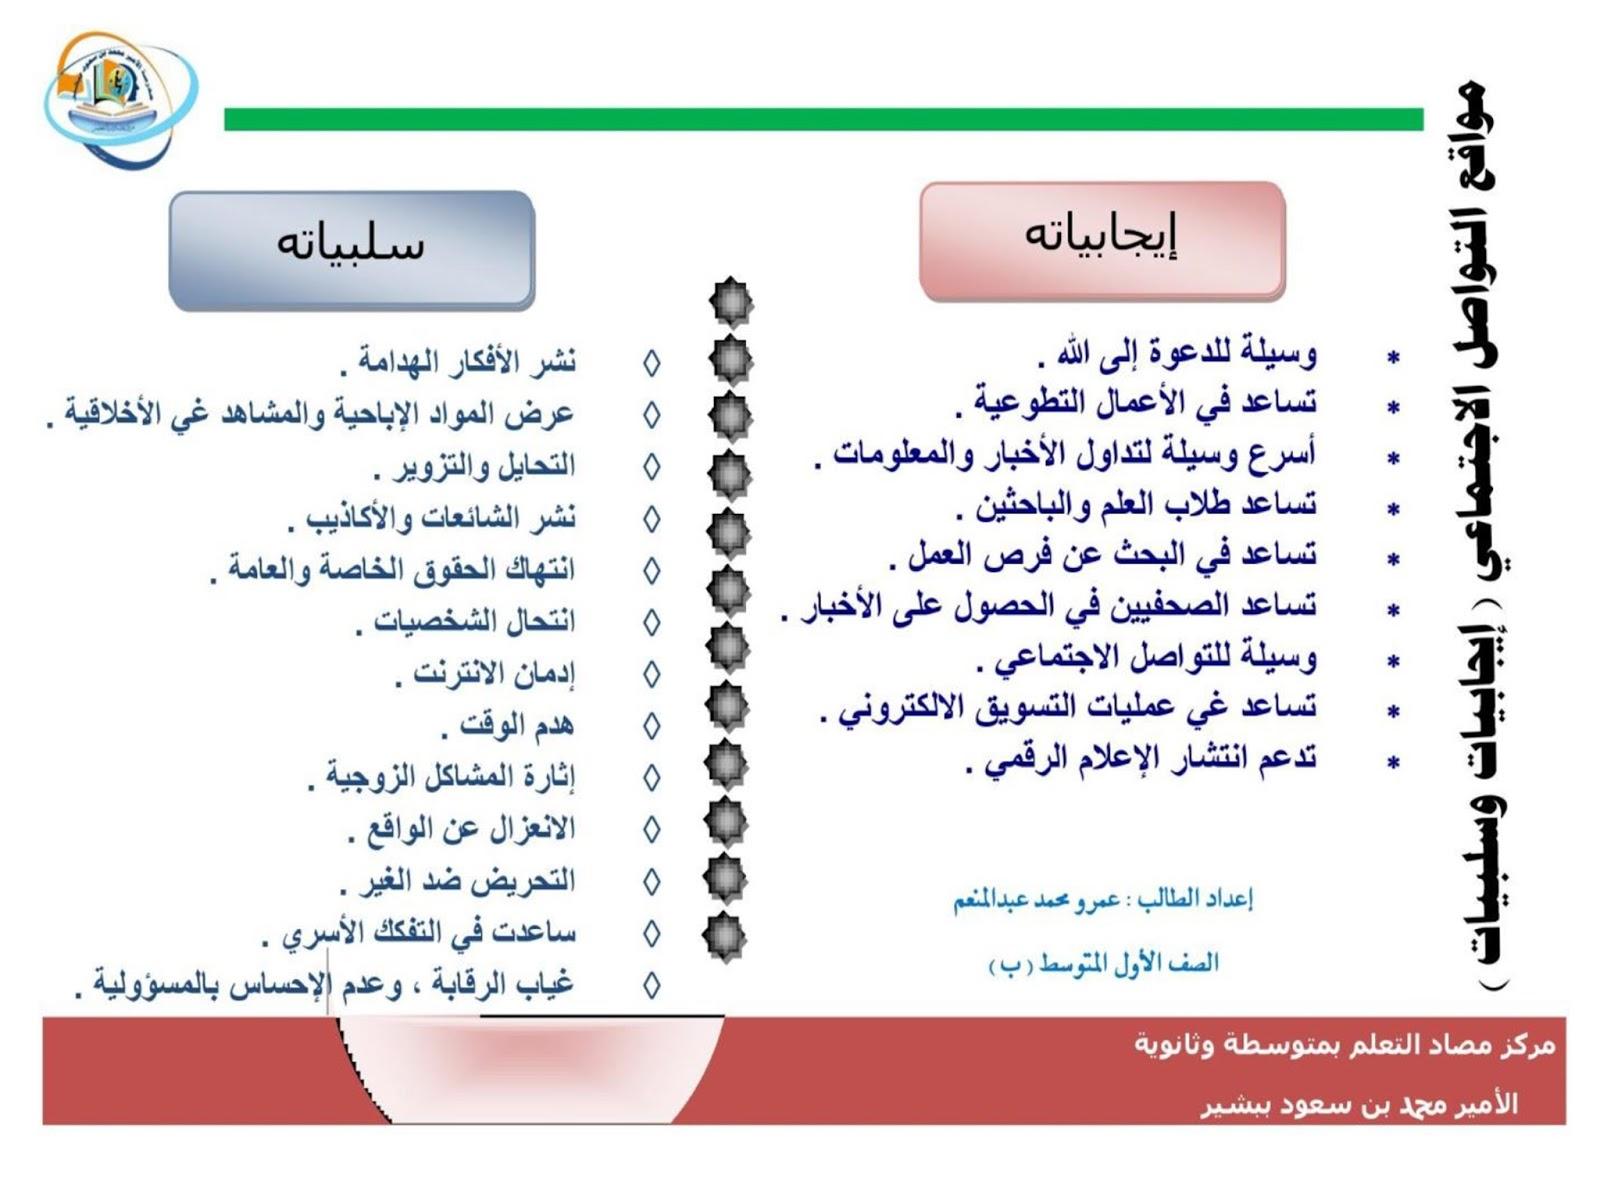 مواقع التواصل الاجتماعي إيجابيات وسلبيات مطوية مصادر التعلم بمدرسة الأمير محمد بن سعود ببشير